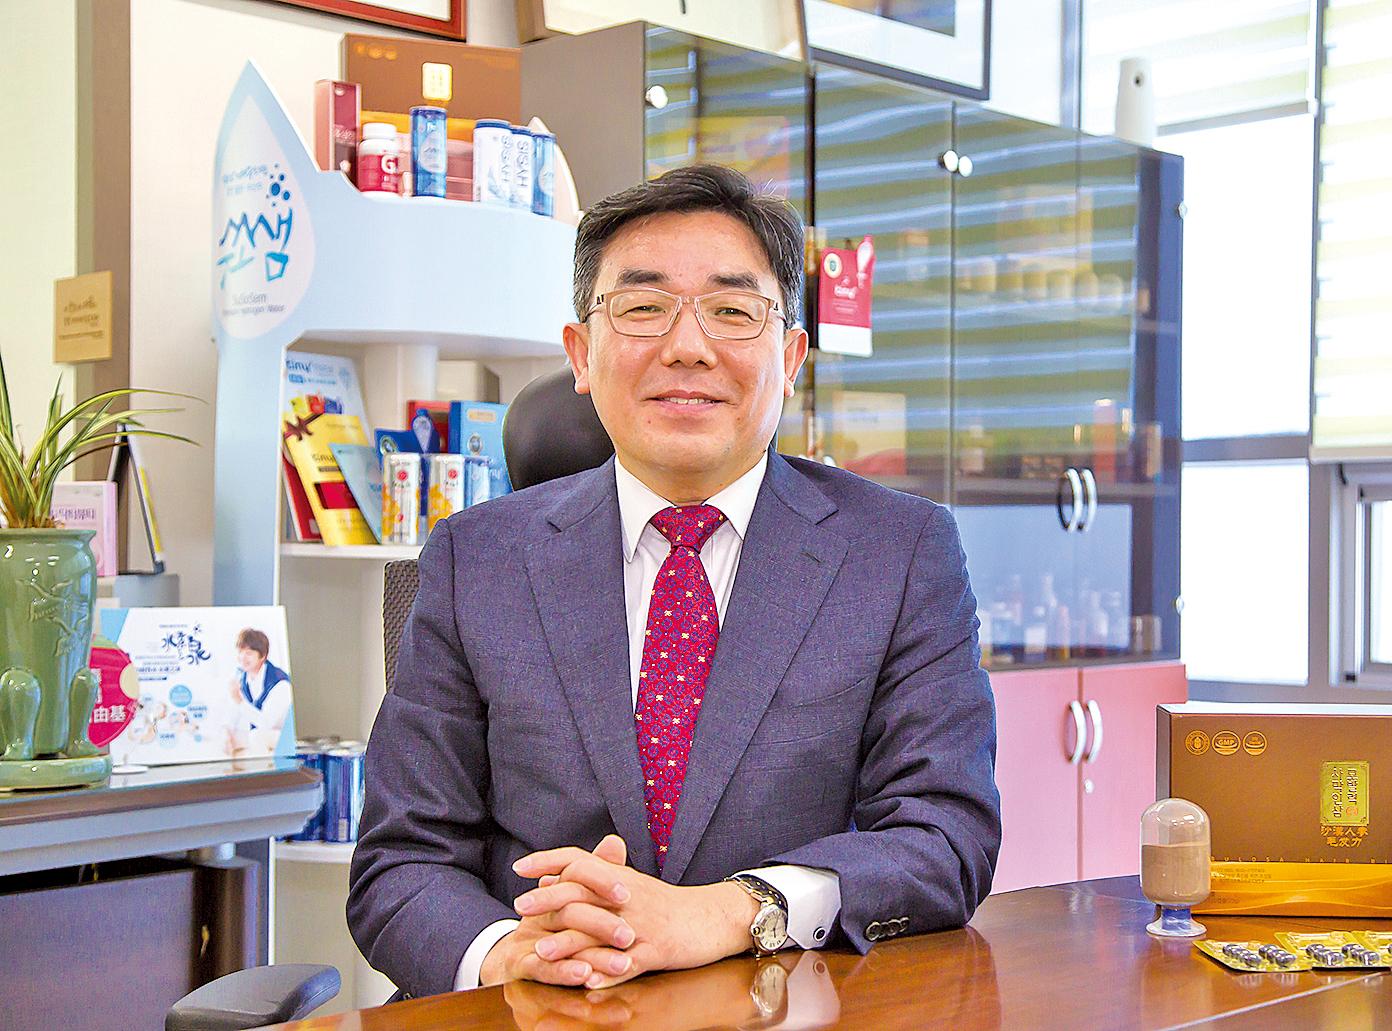 愛多特總經理李城杓。